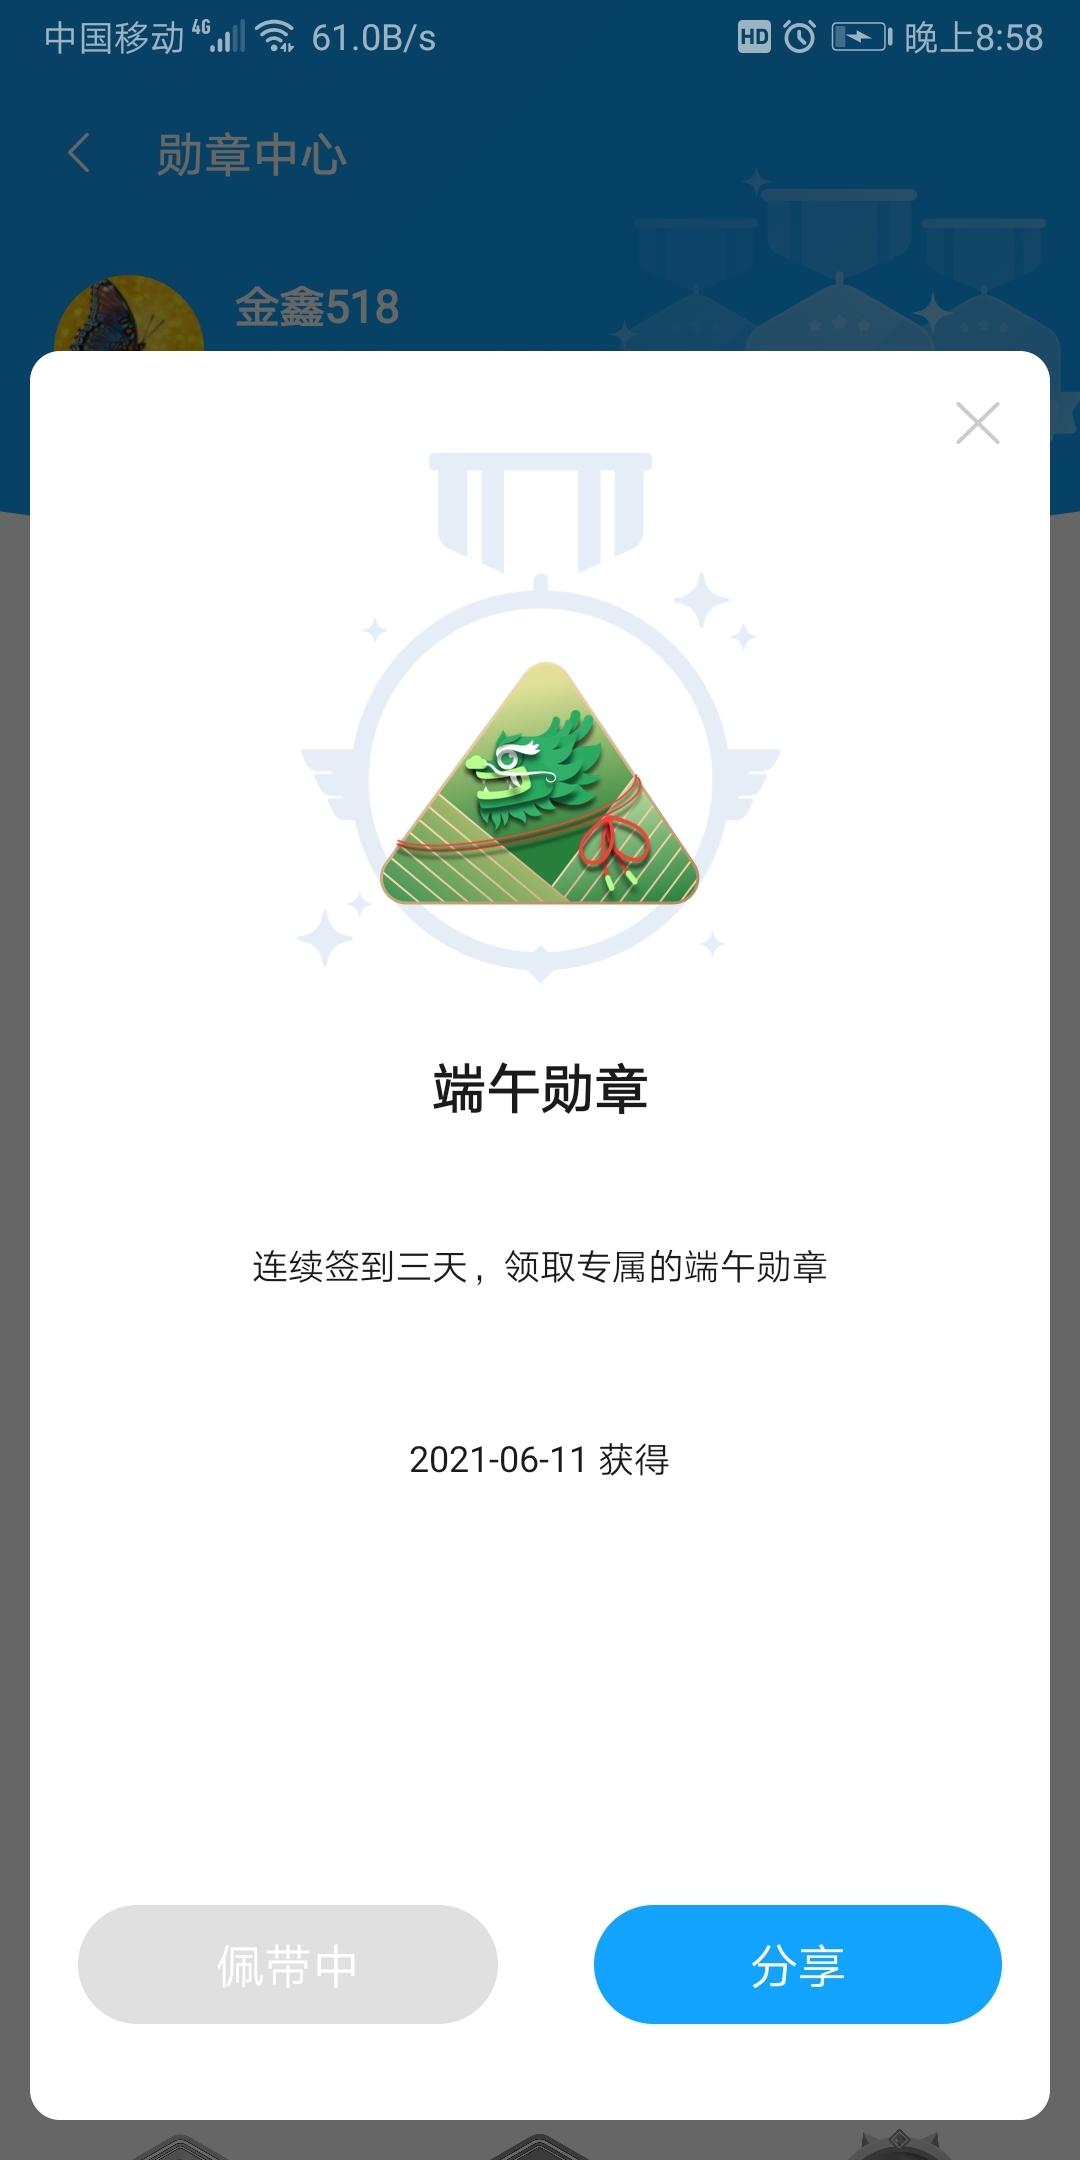 Screenshot_20210611_205855_com.huawei.fans.jpg